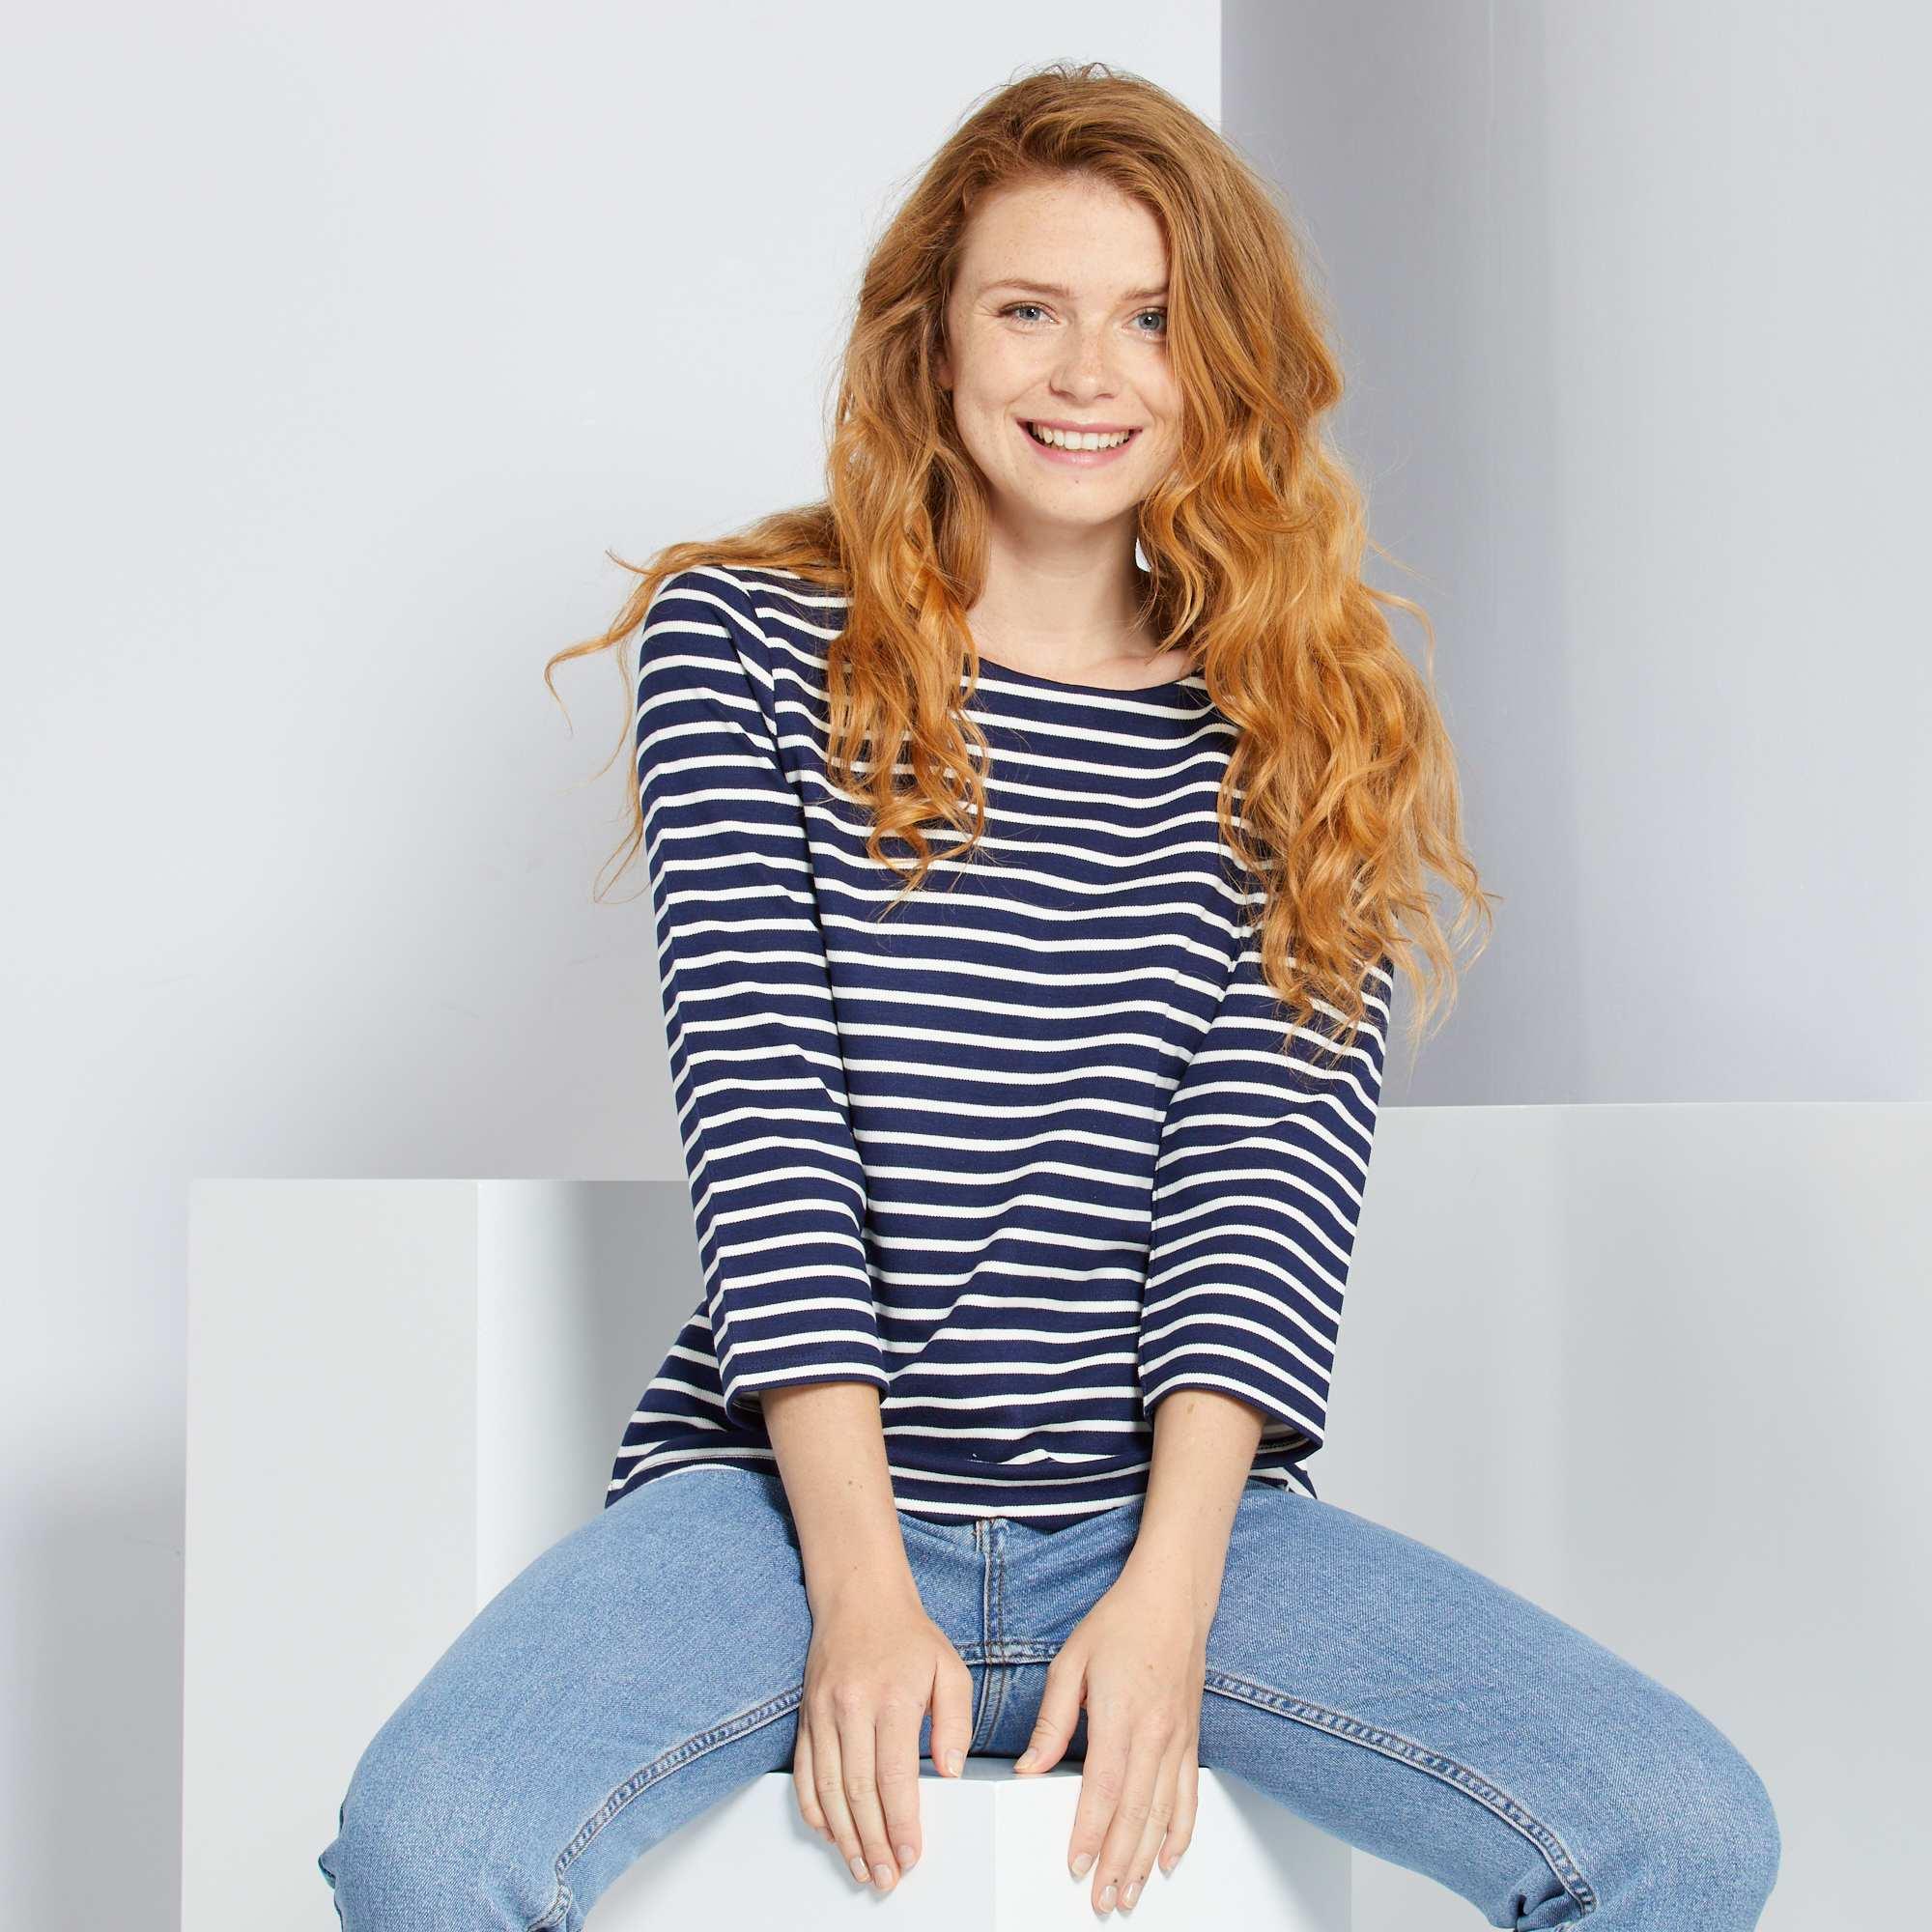 91dc0a81874df T-shirt marinière finition écaille Femme - marine rayé - Kiabi - 12,00€